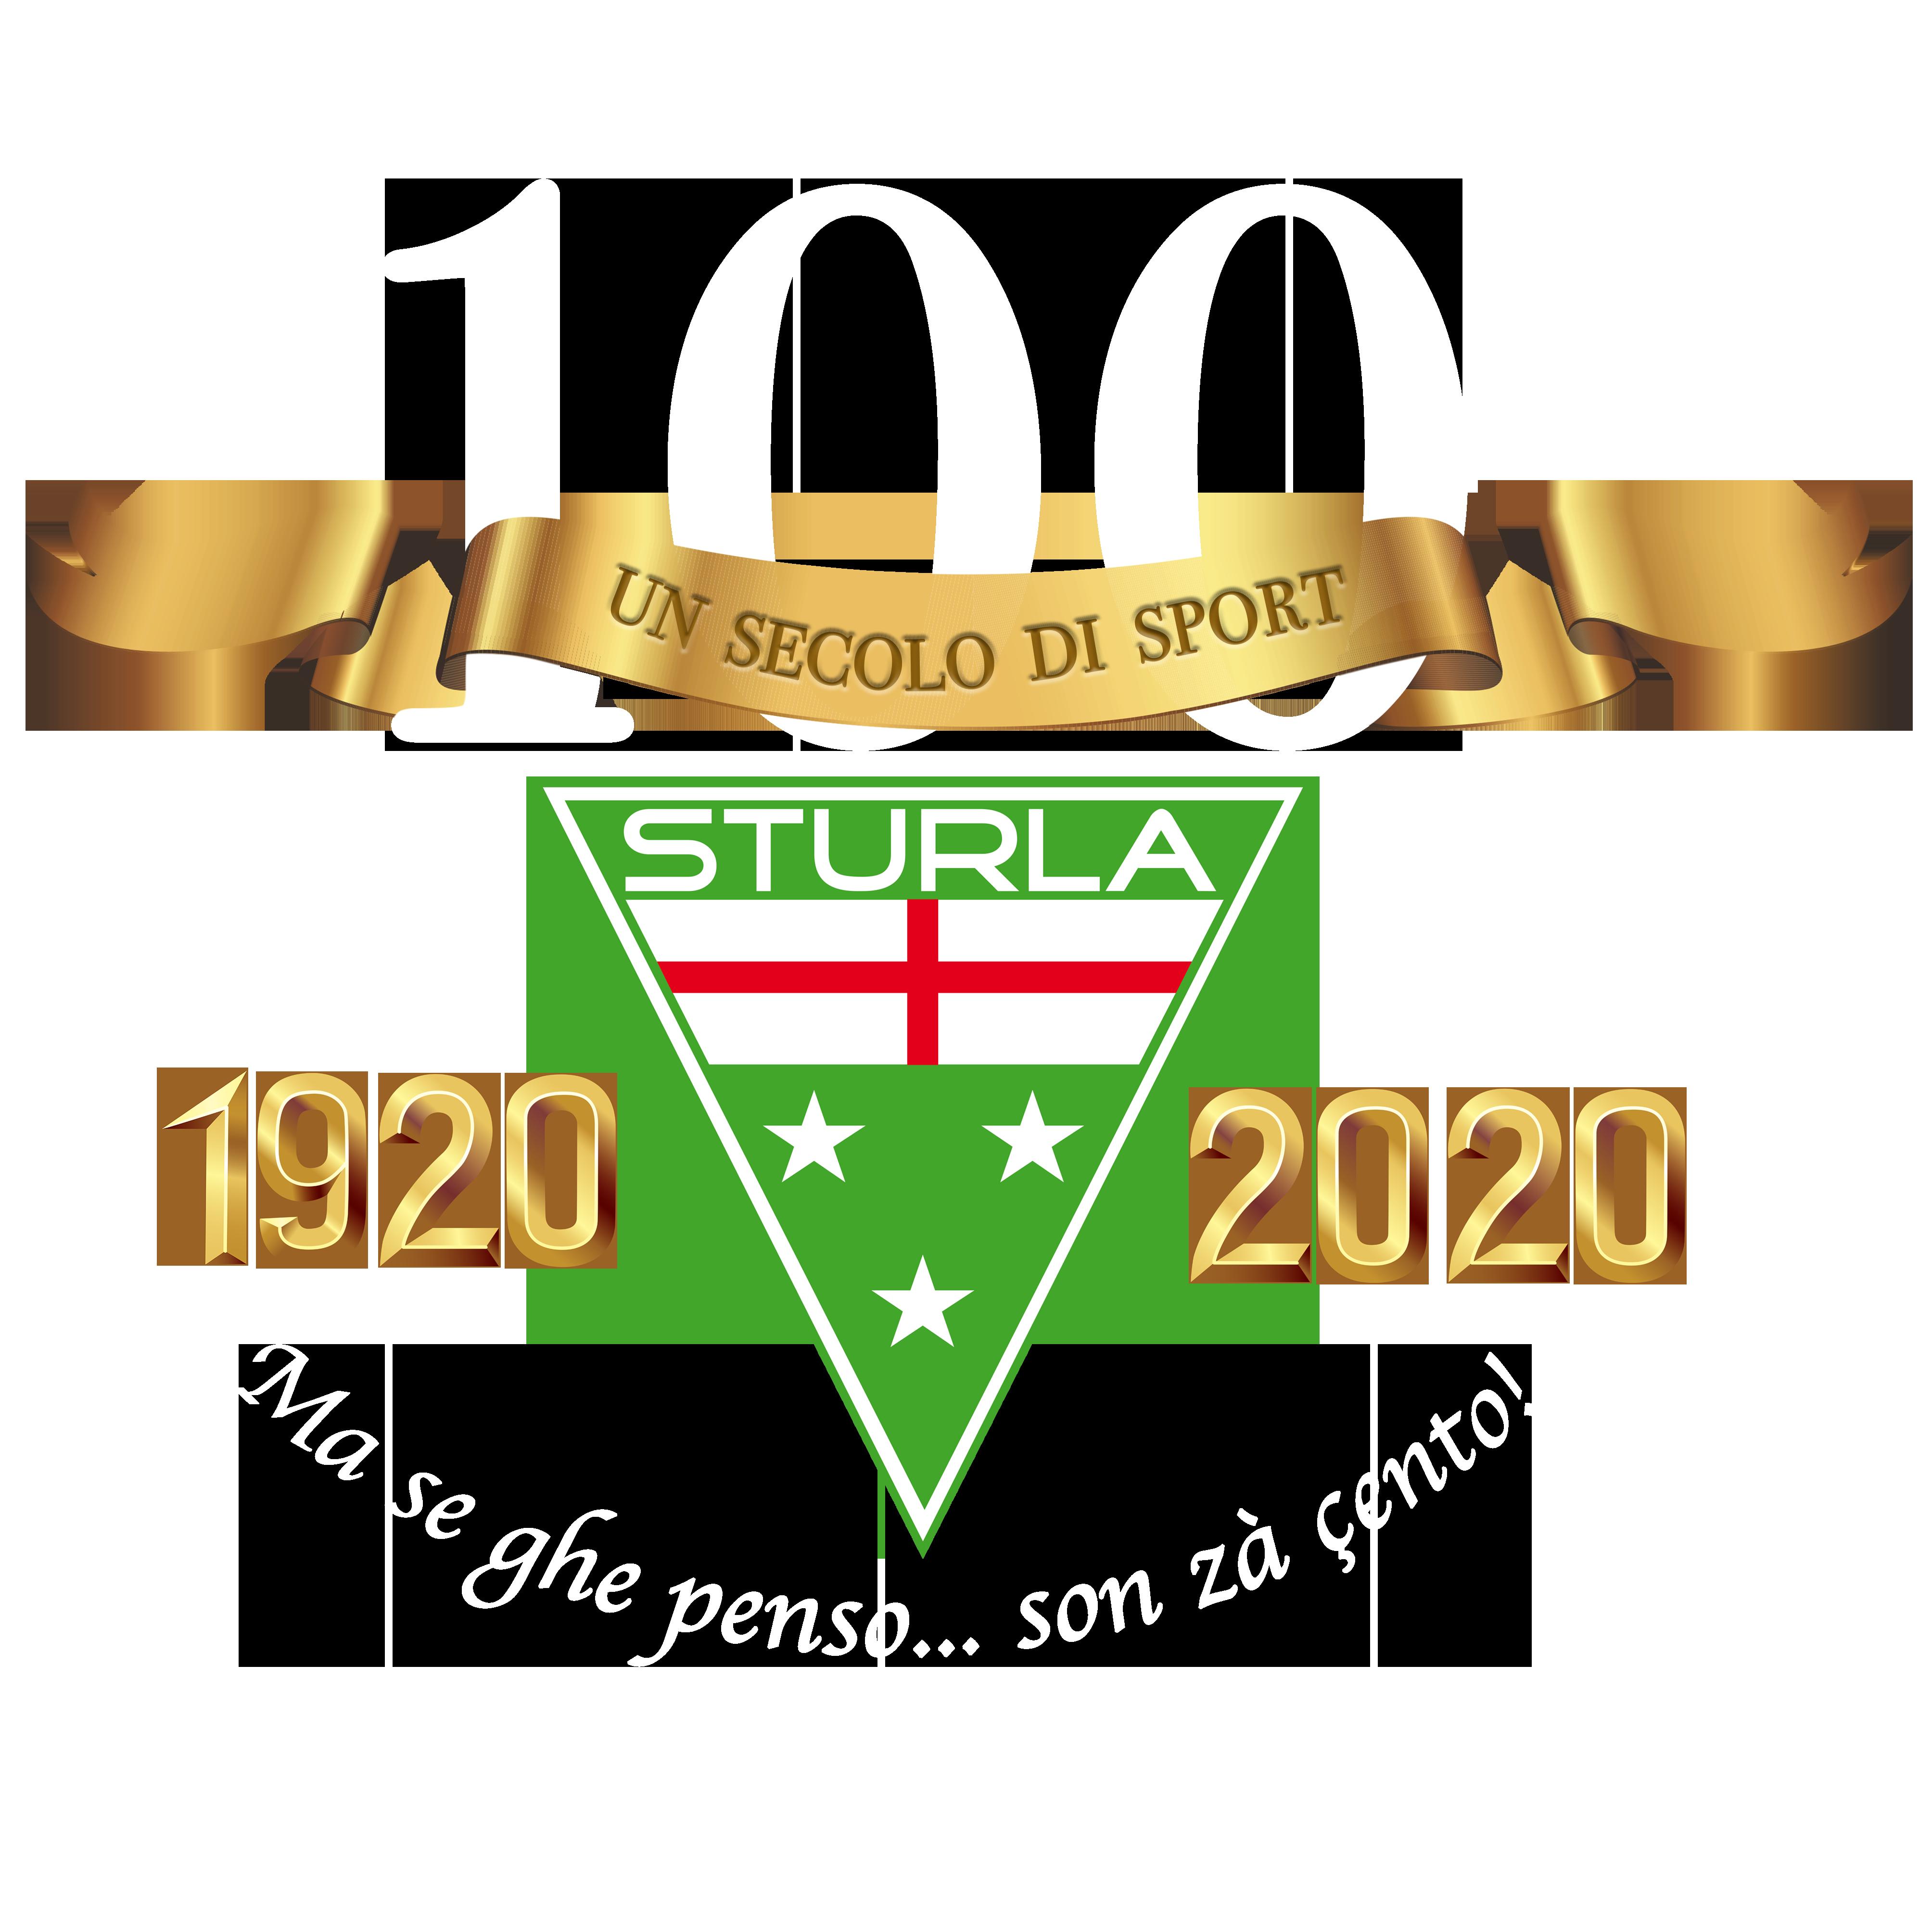 100 volte Sportiva Sturla